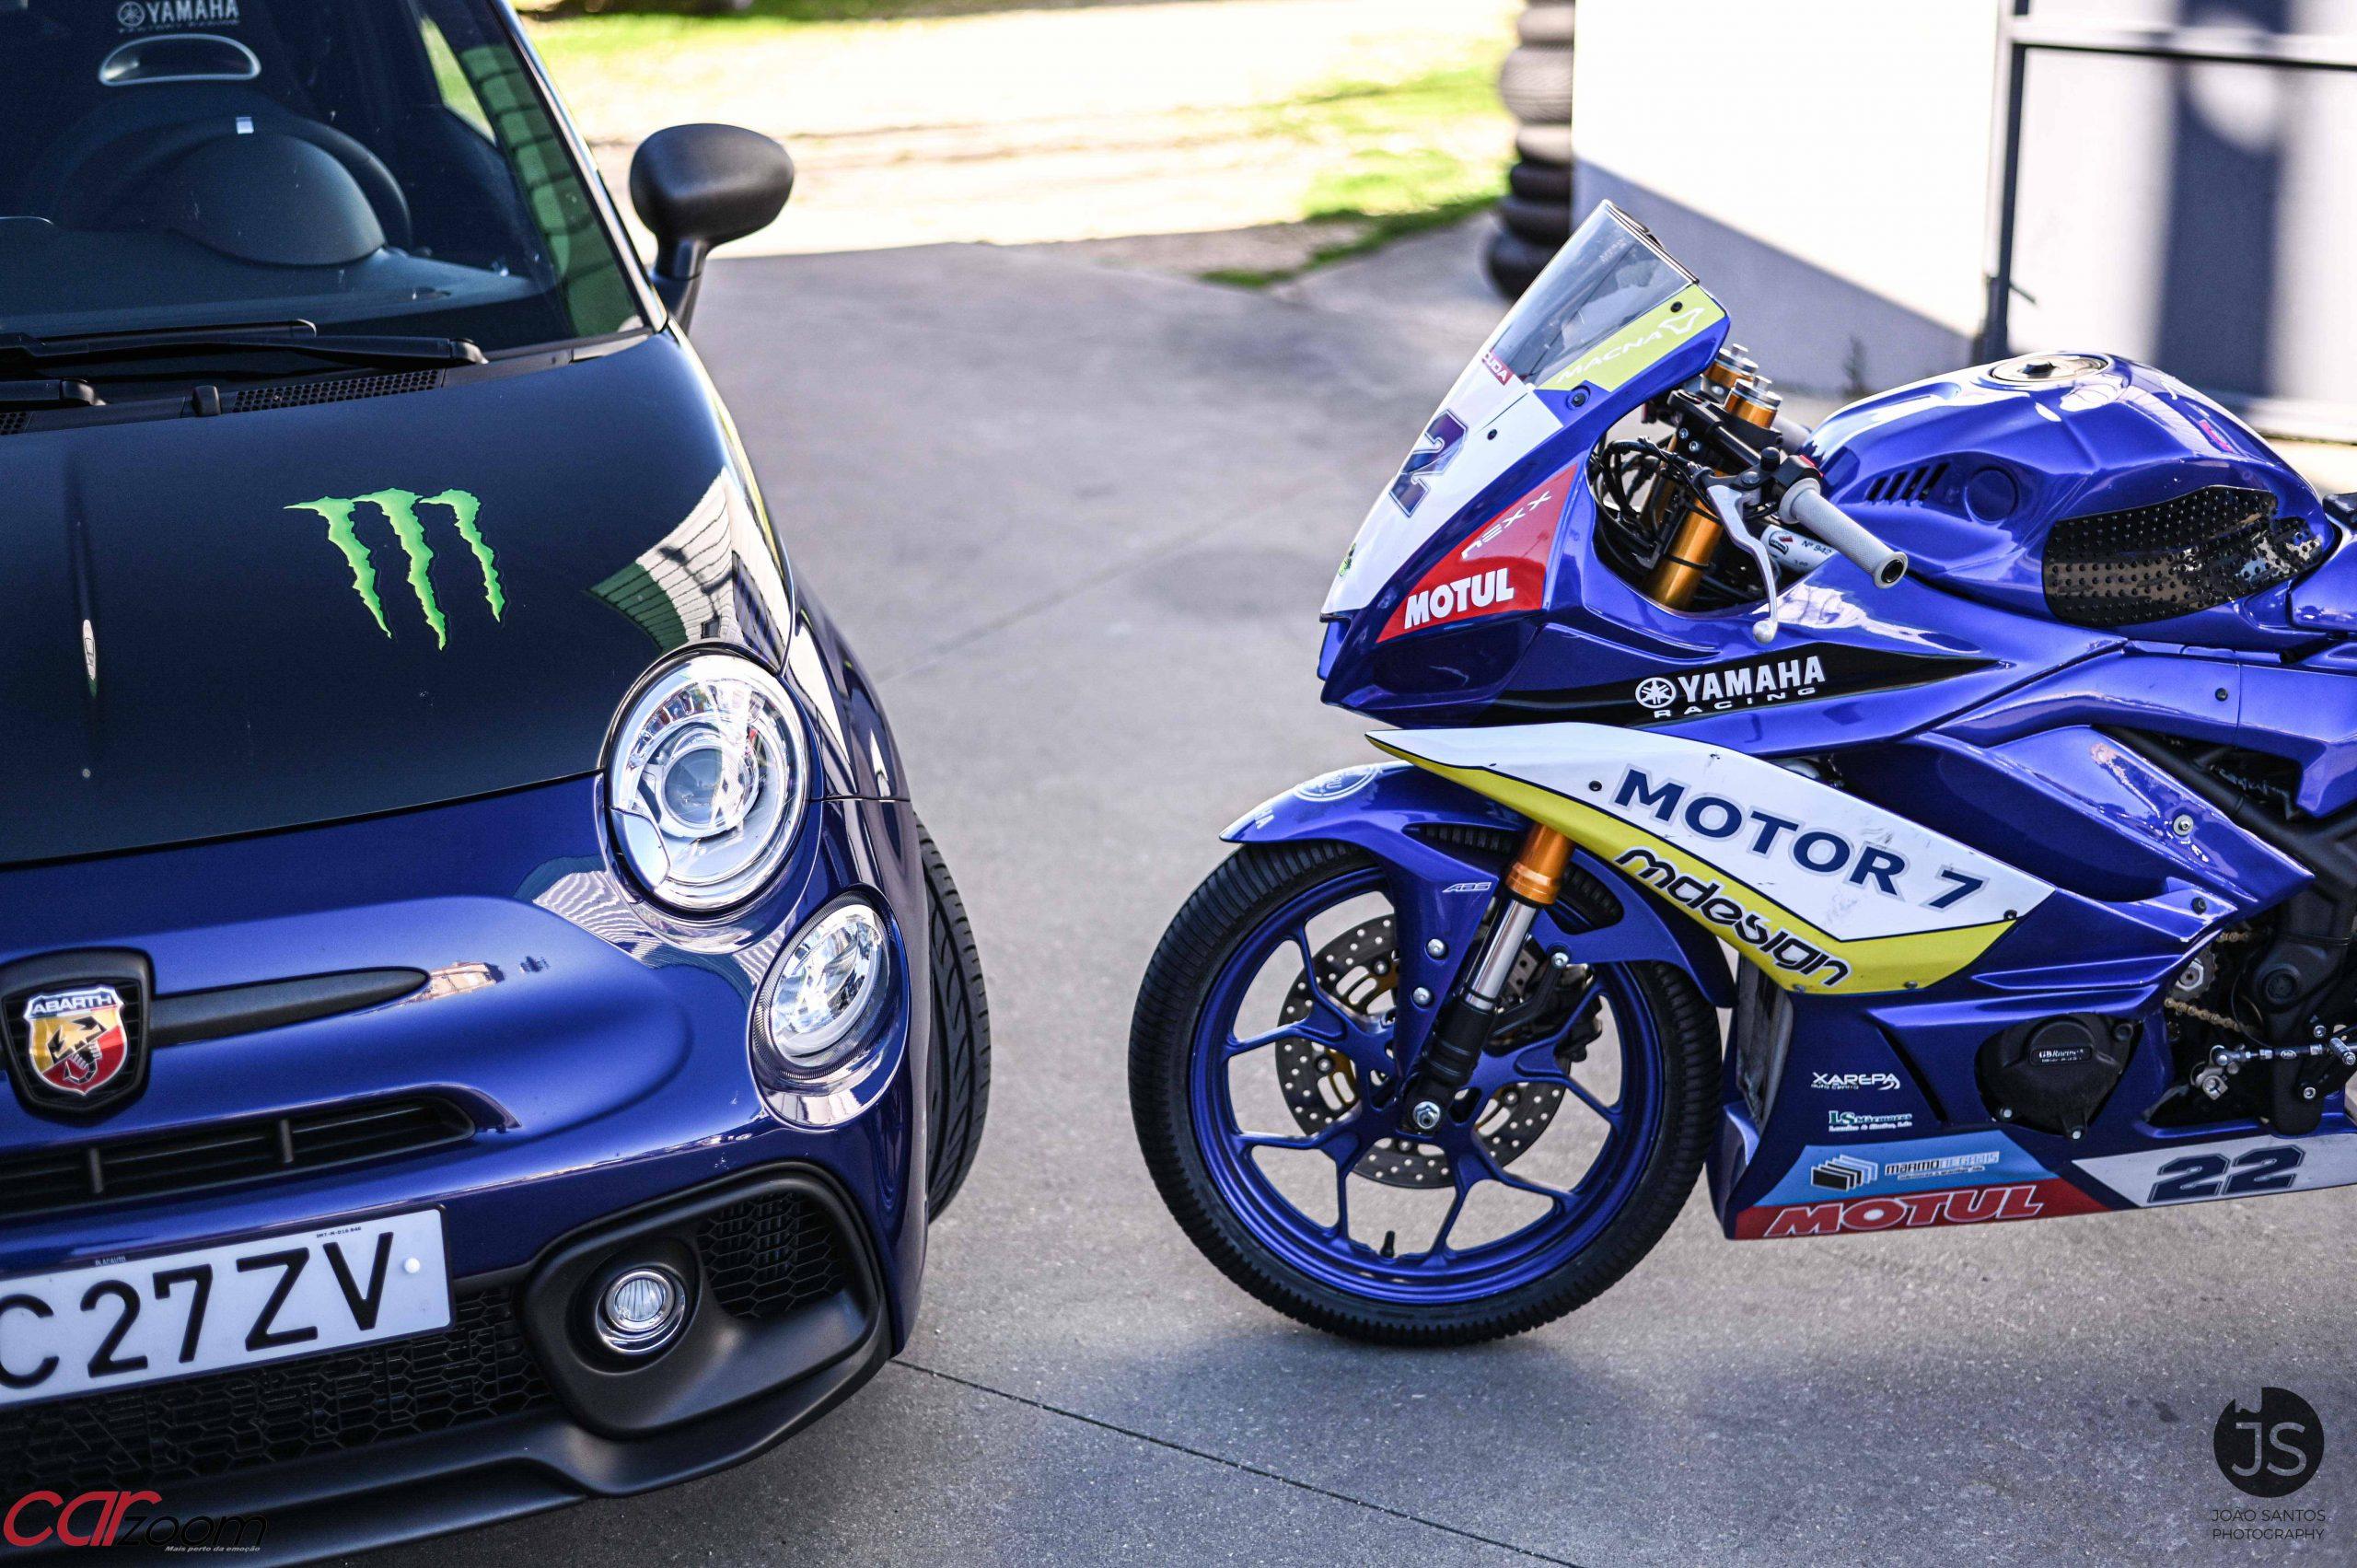 Ensaiámos o Abarth 595 Yamaha com a ajuda da Madalena Simões piloto da Yamaha Motor 7! 31